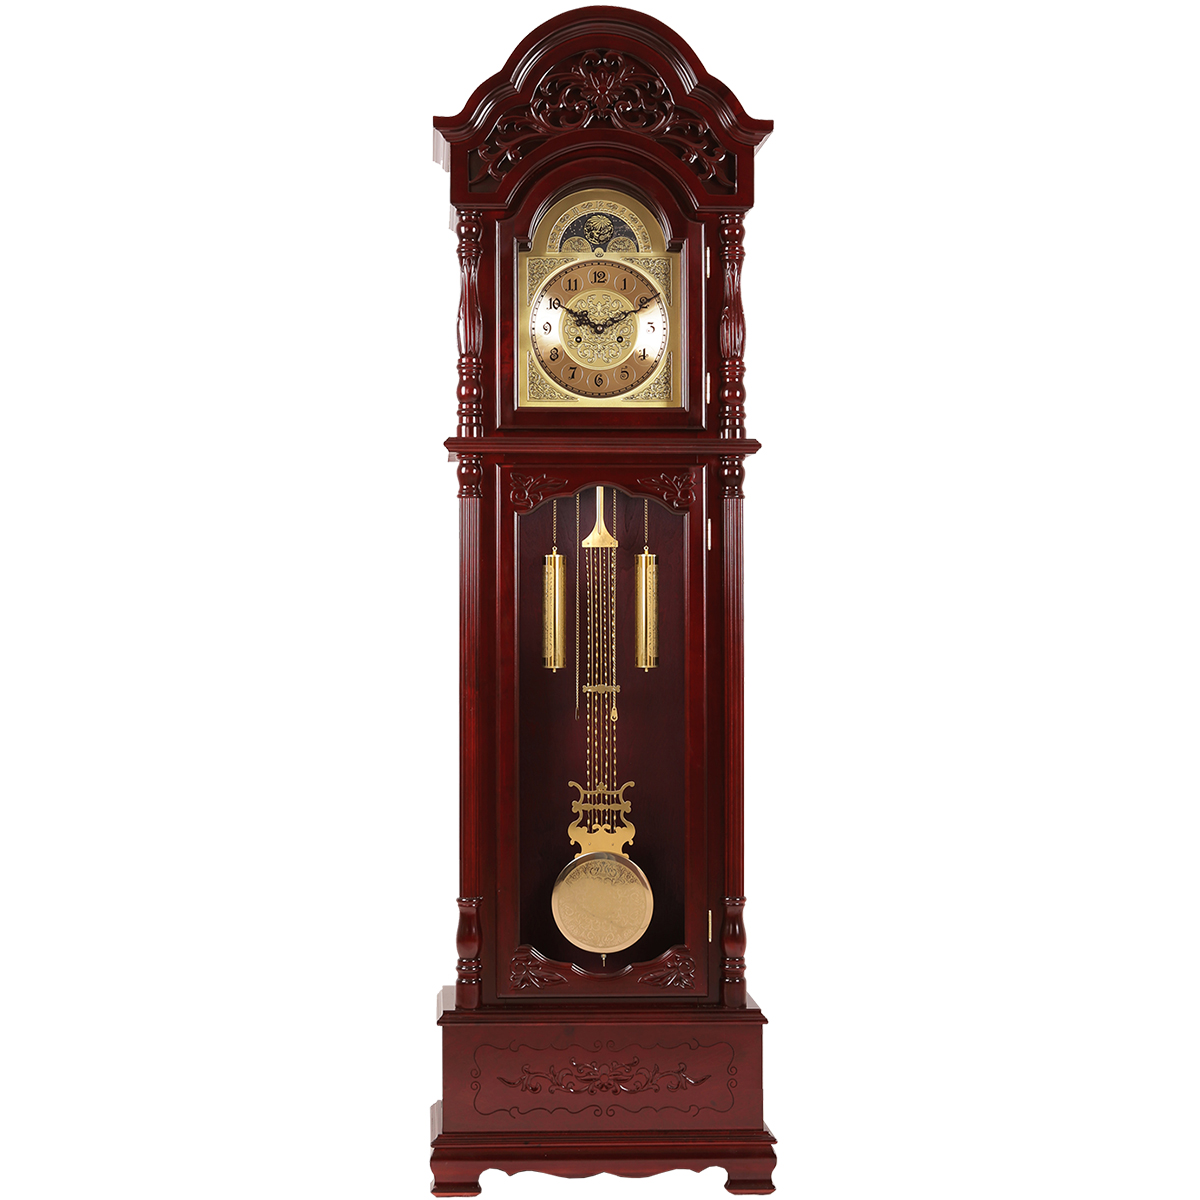 实木古典立钟北极星立式钟表中式落地钟欧式客厅摆钟报时机械座钟